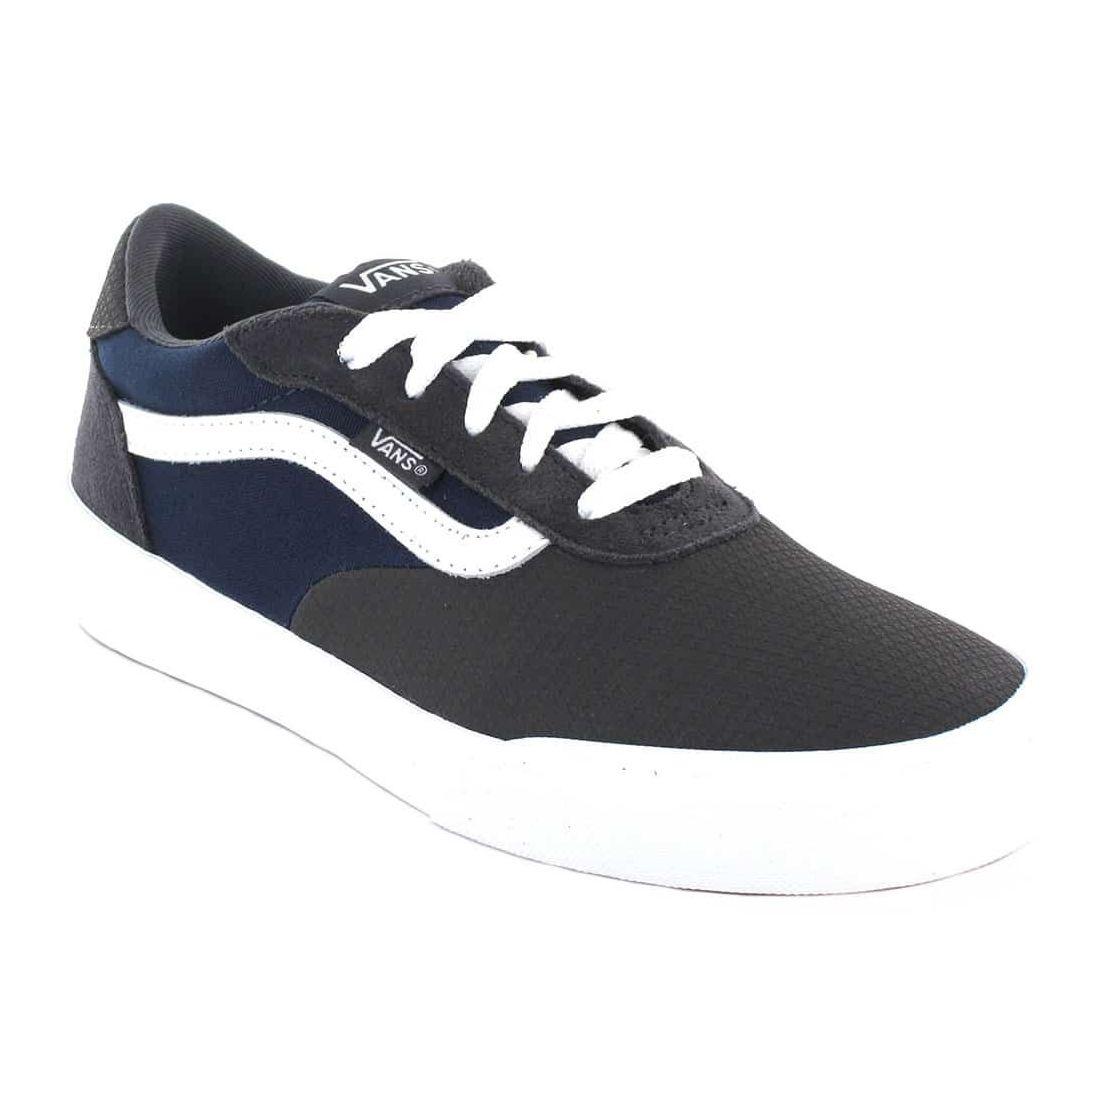 Vans Palomar Y Gris Azul - Calzado Casual Junior